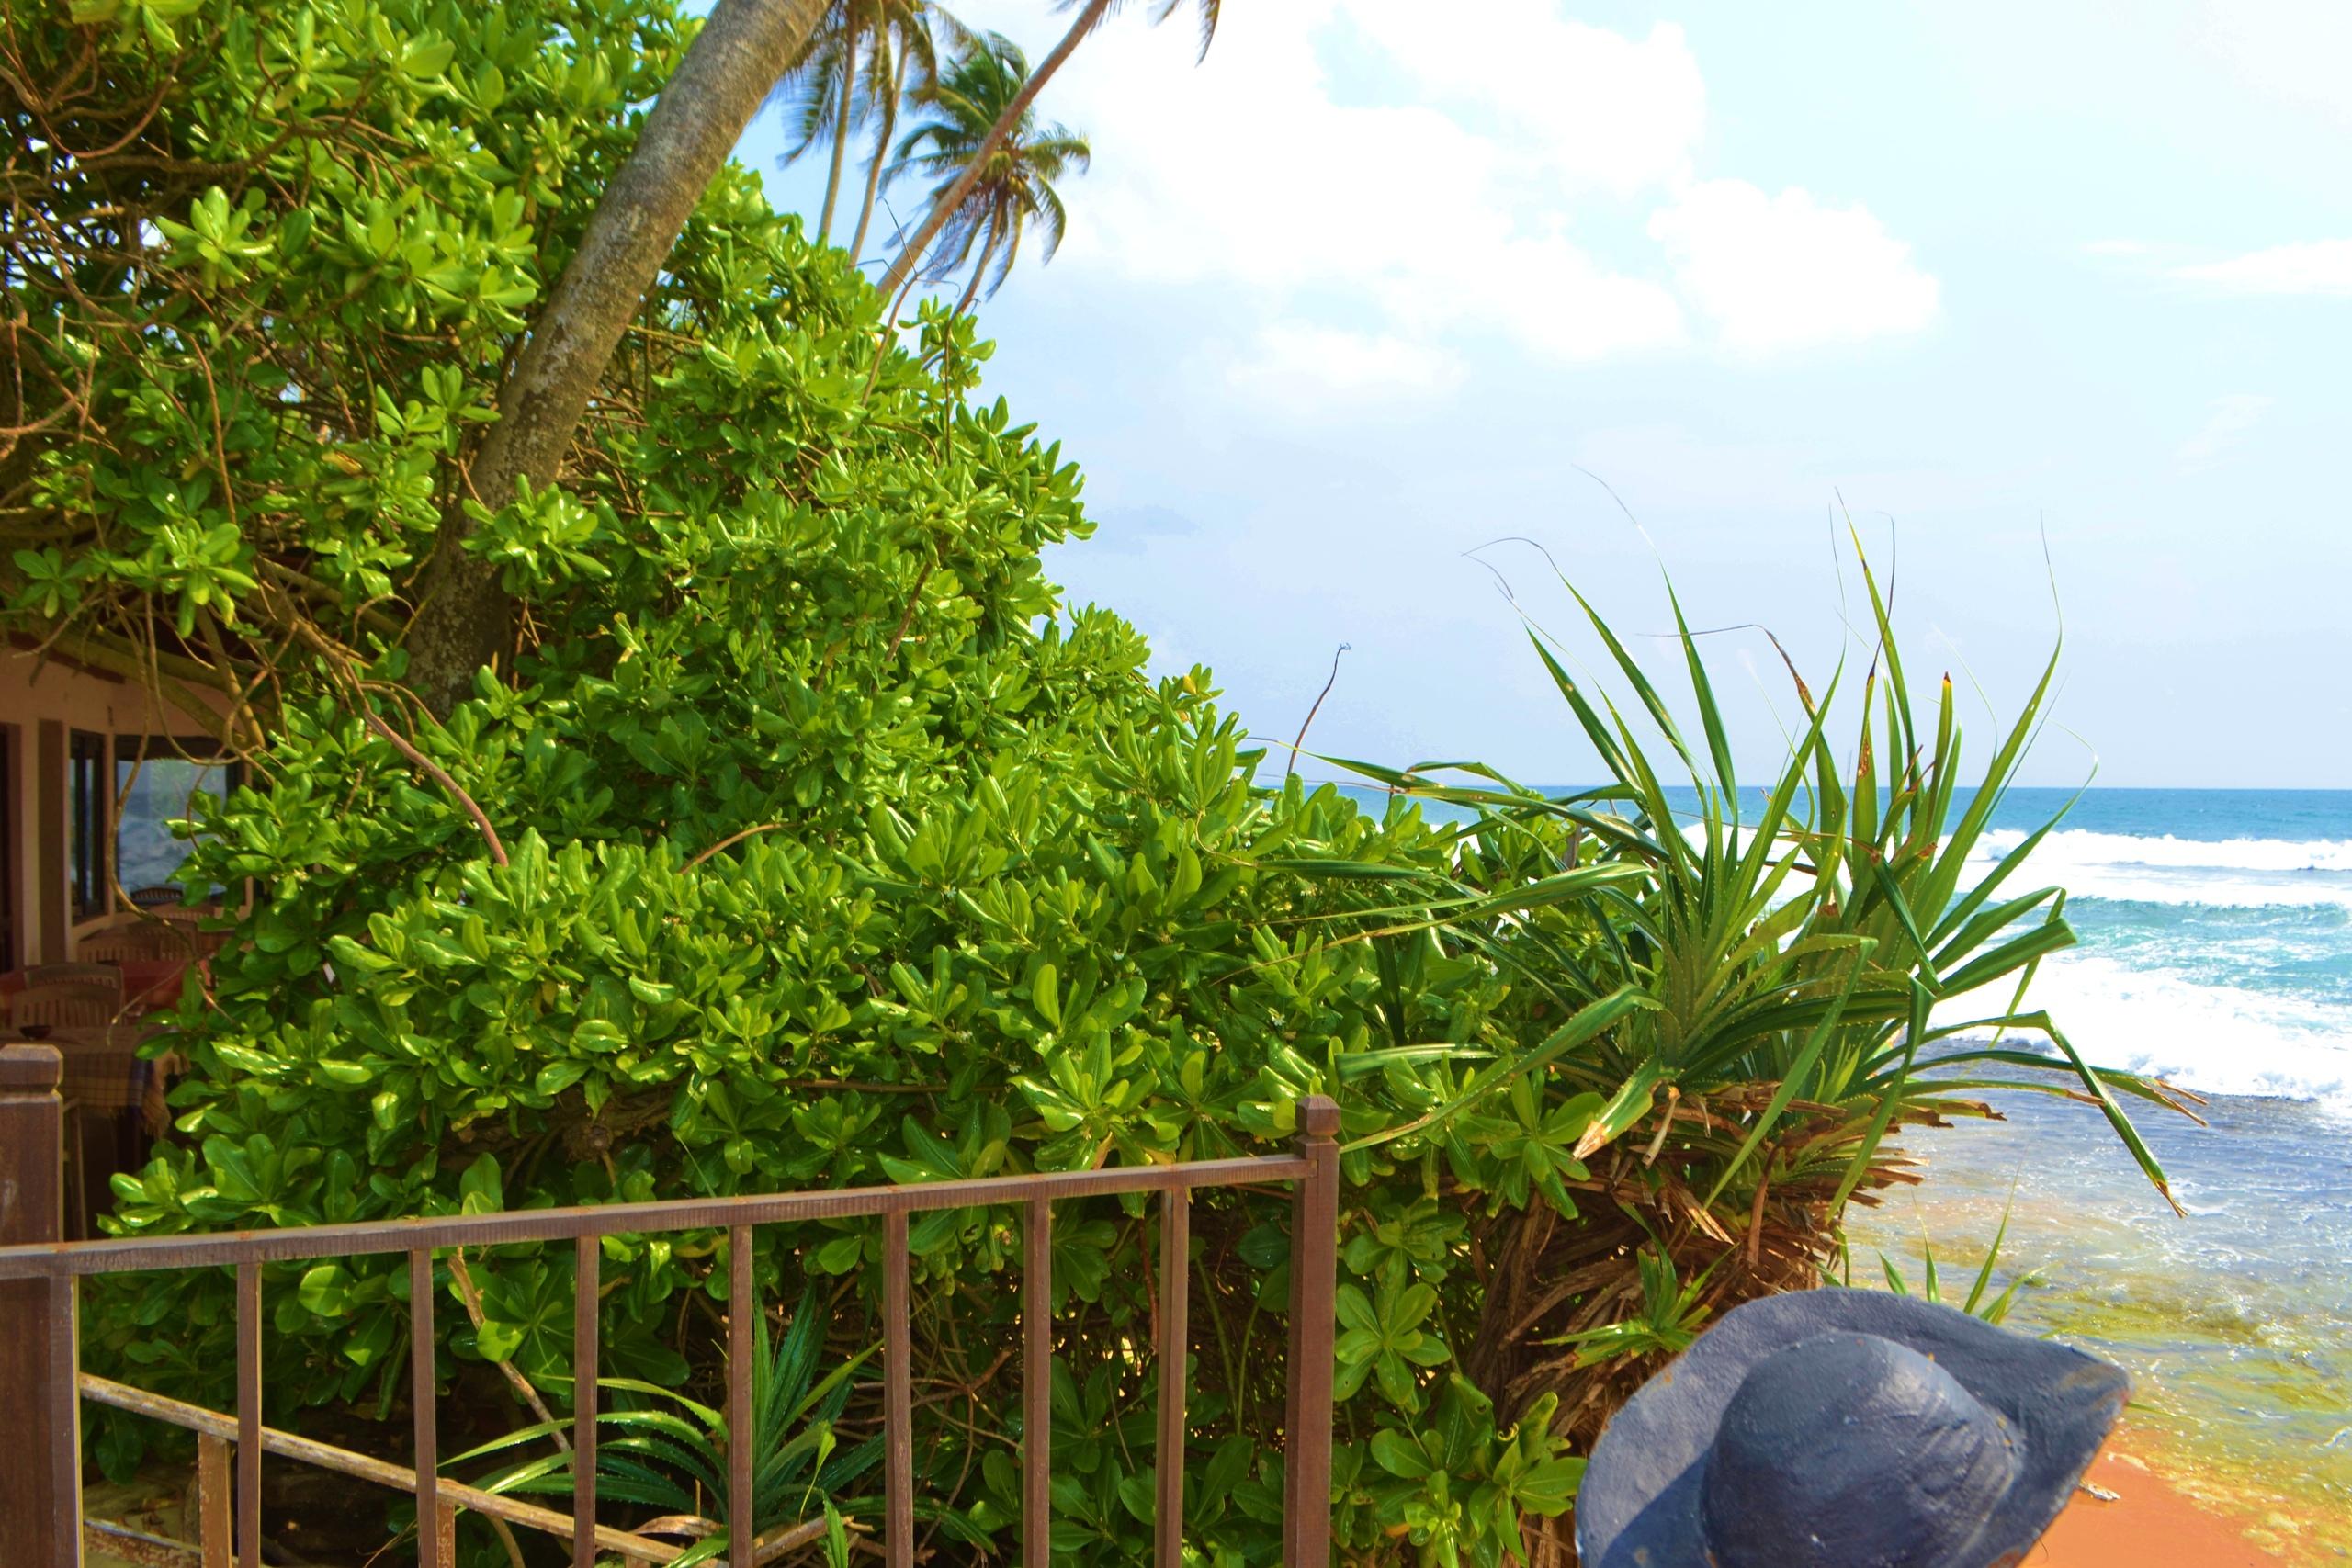 Шри Ланка (фото) 3j65dHu7x2w